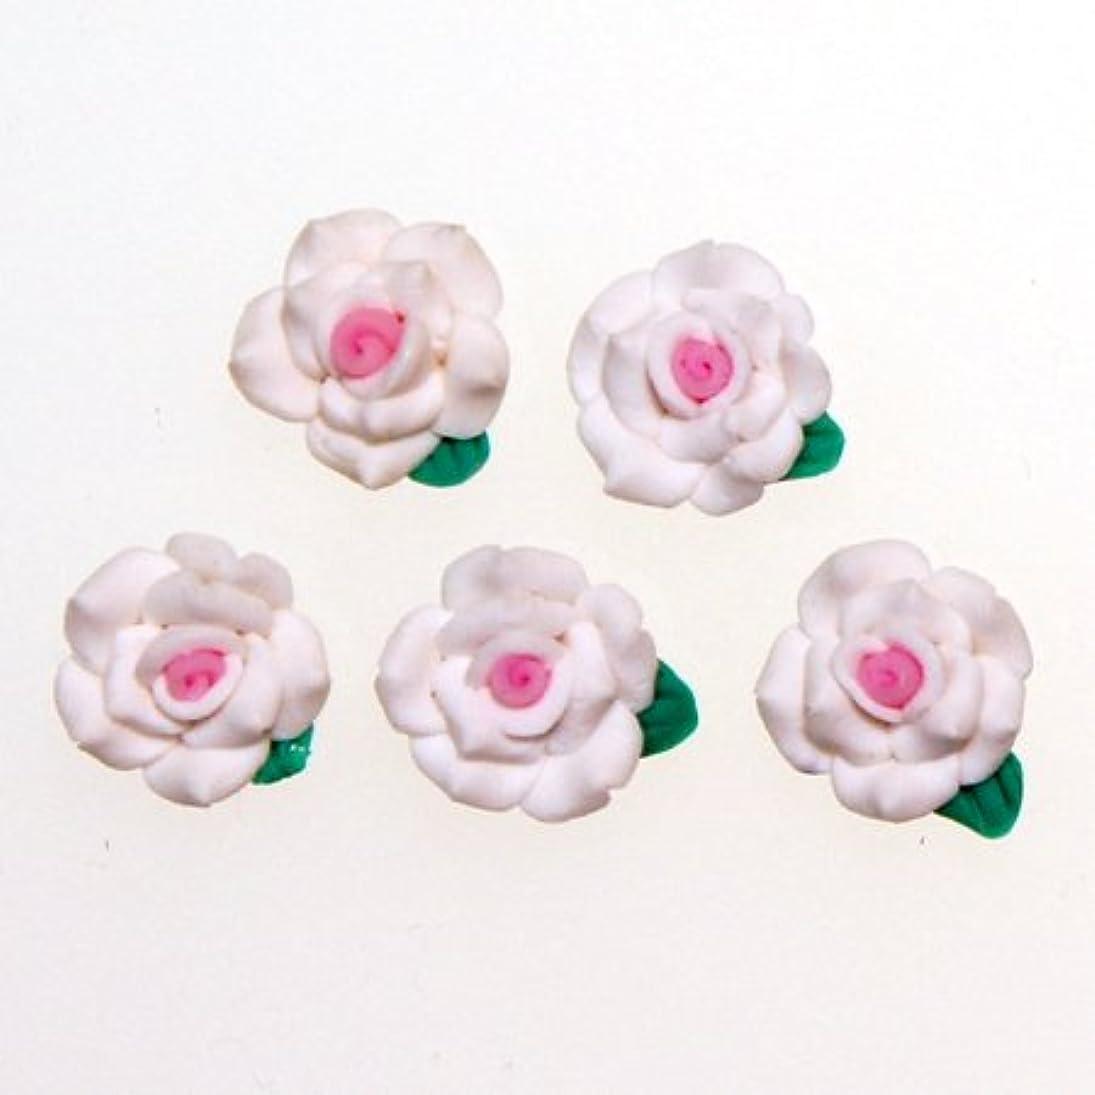 ジャンプ海洋のログデコパーツ 1.3cm少し大きめの樹脂薔薇2色使い[d-r4] レジンパーツ レジンクラフト